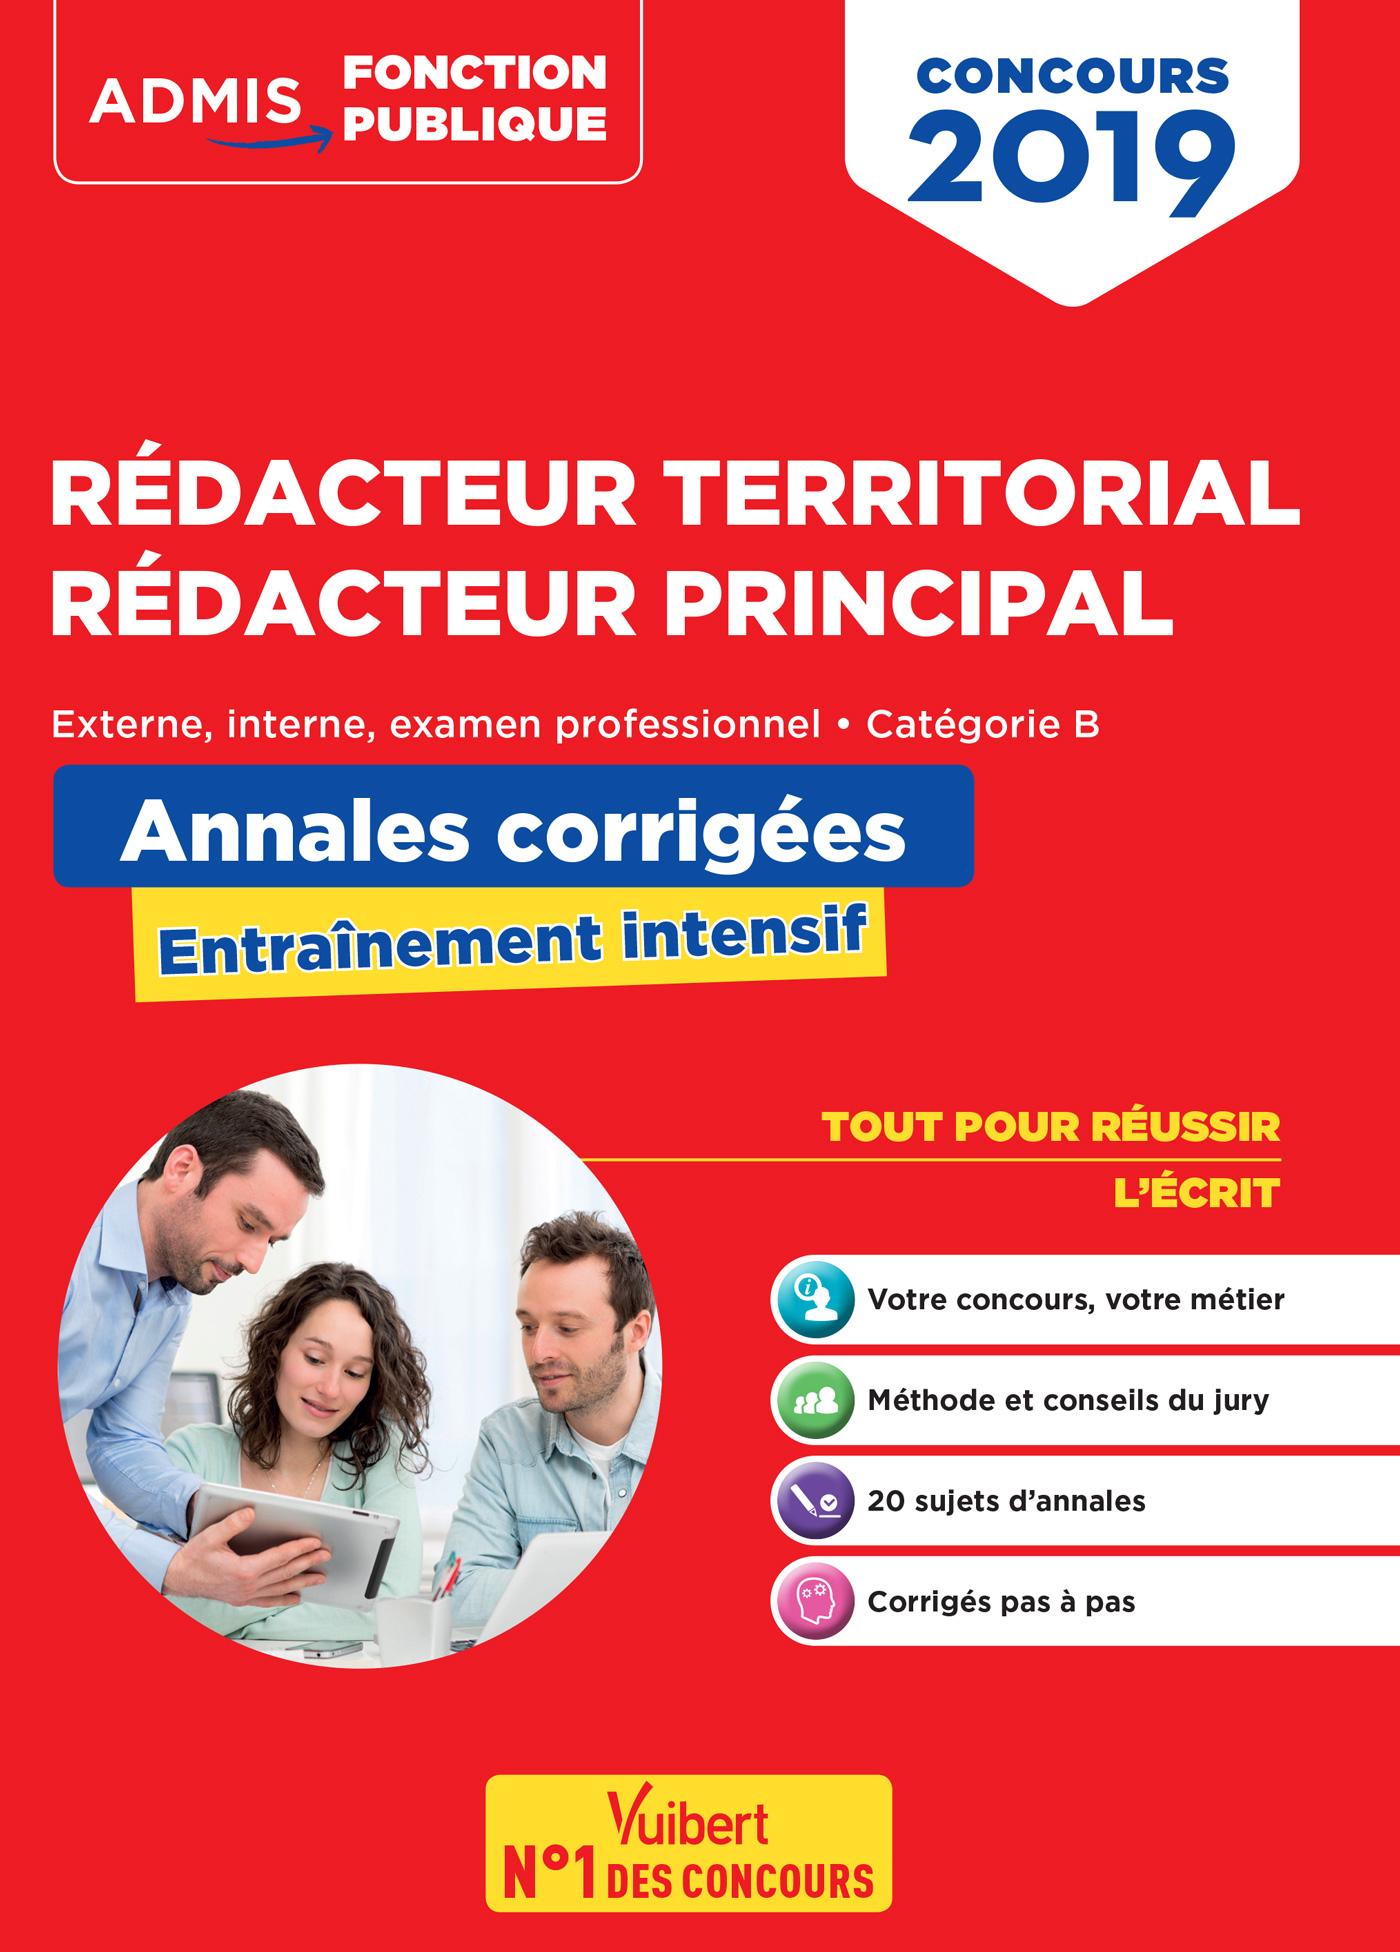 1dd49dbdd42 Concours Rédacteur territorial et rédacteur principal - Annales corrigées -  Catégorie B